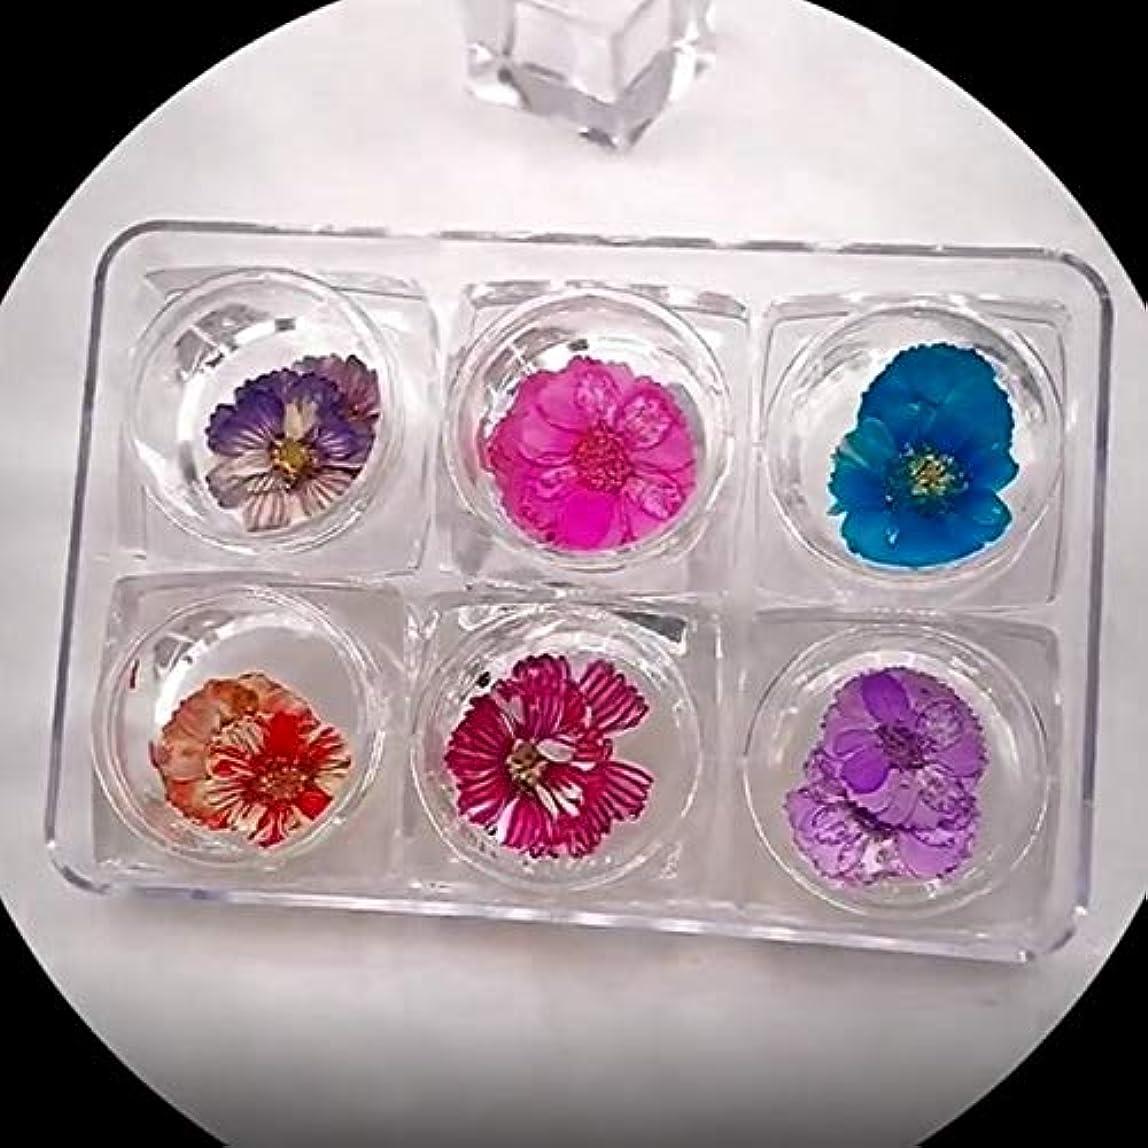 創造最小キャンペーンQuzama-JS 独創的な新しい6色ネイルアートアップリケジュエリーセット日本語乾燥花花びら永遠の花の結晶装飾(None Picture Color)